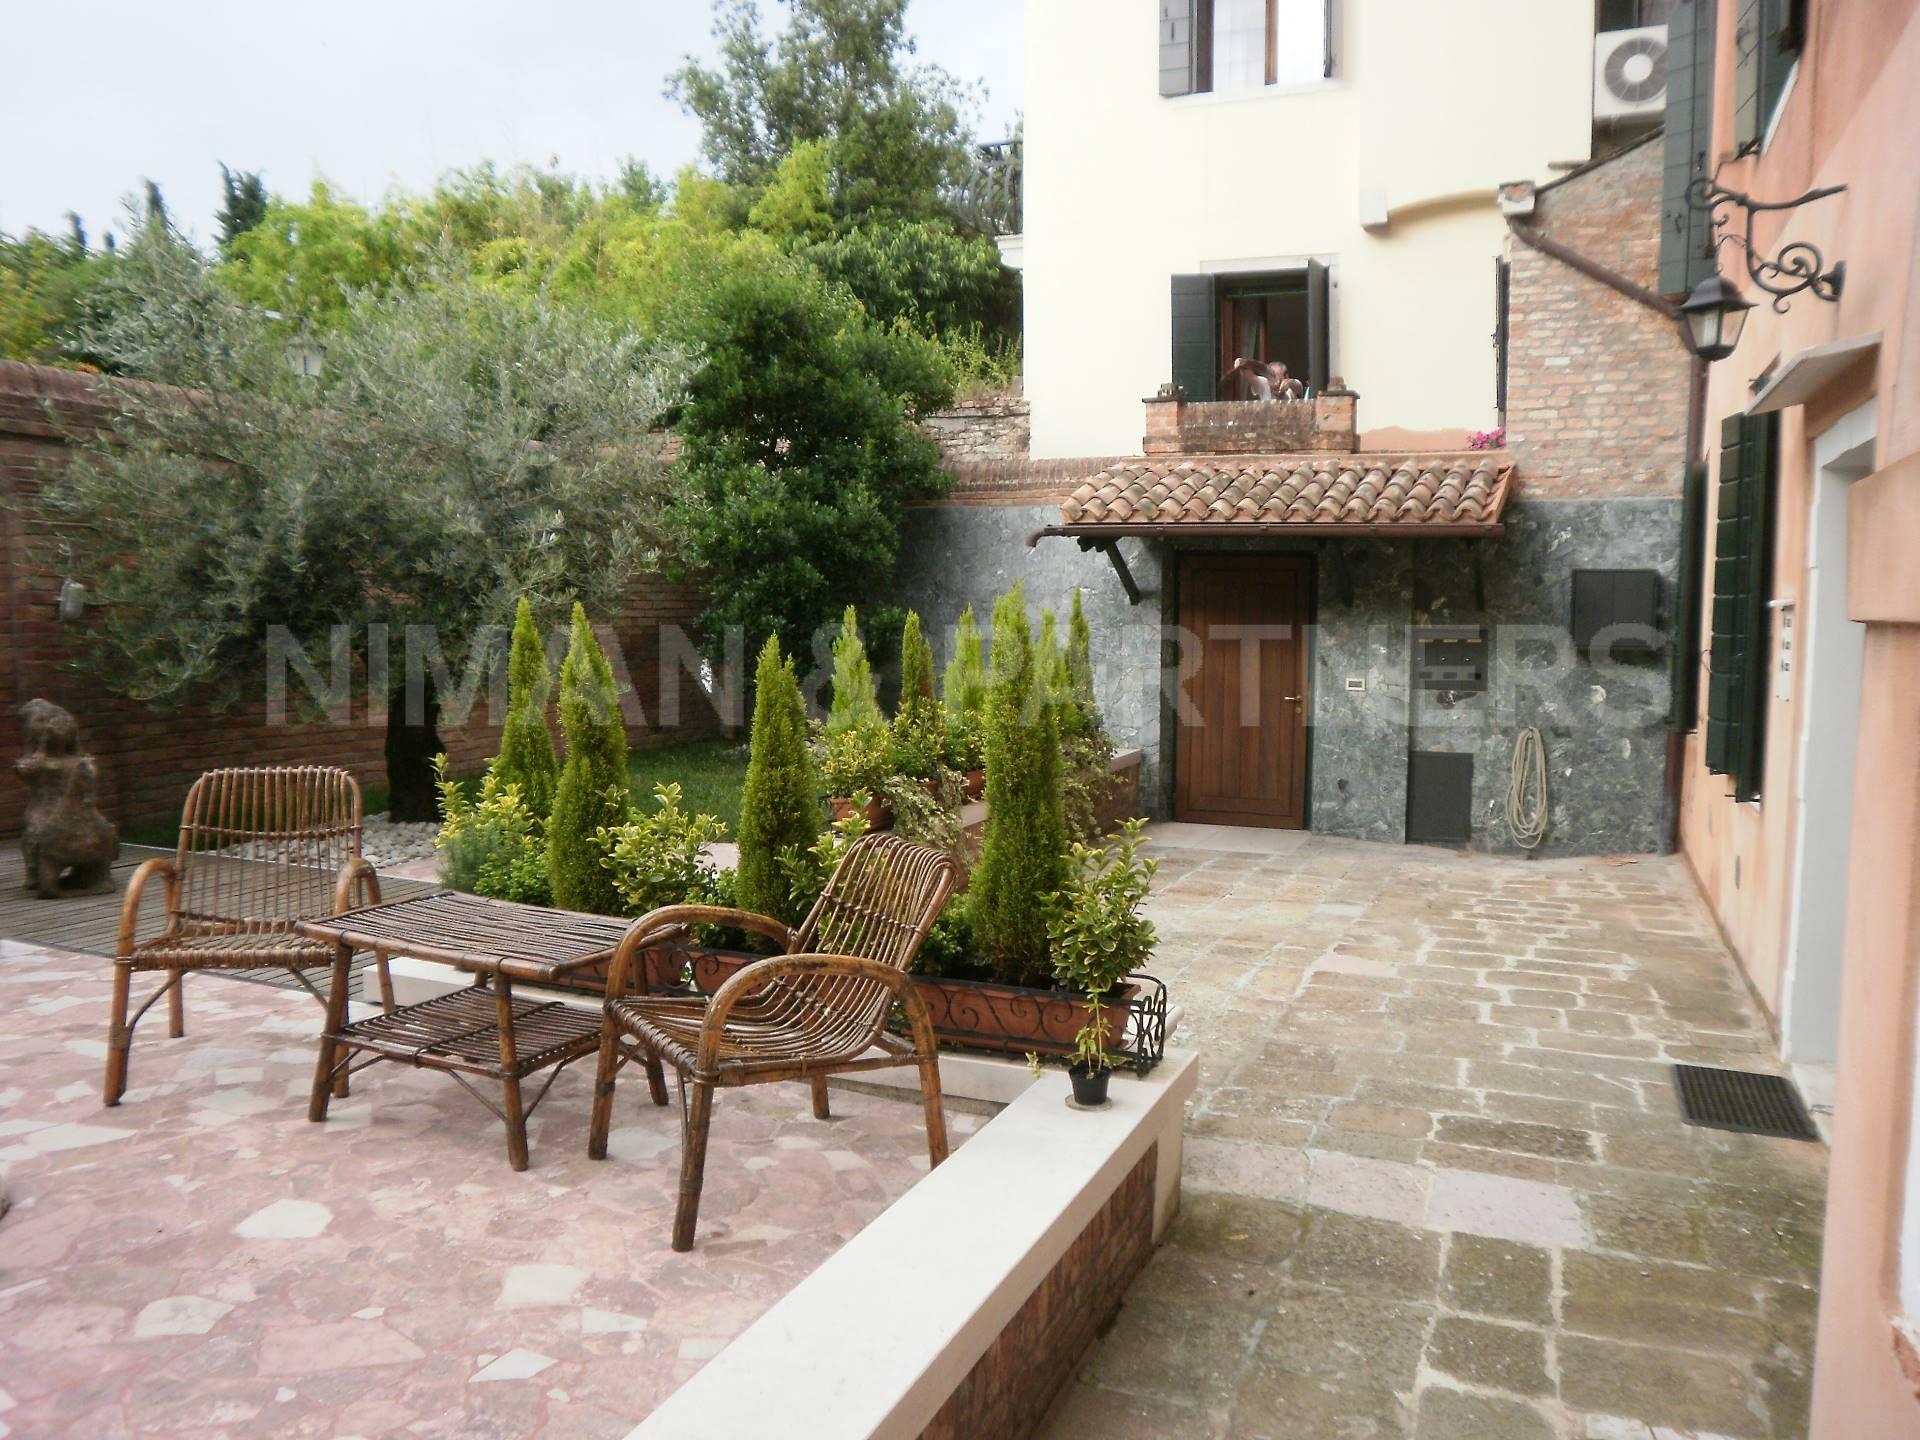 Palazzo / Stabile in vendita a Venezia, 7 locali, zona Zona: 6 . Dorsoduro, prezzo € 1.500.000 | Cambio Casa.it